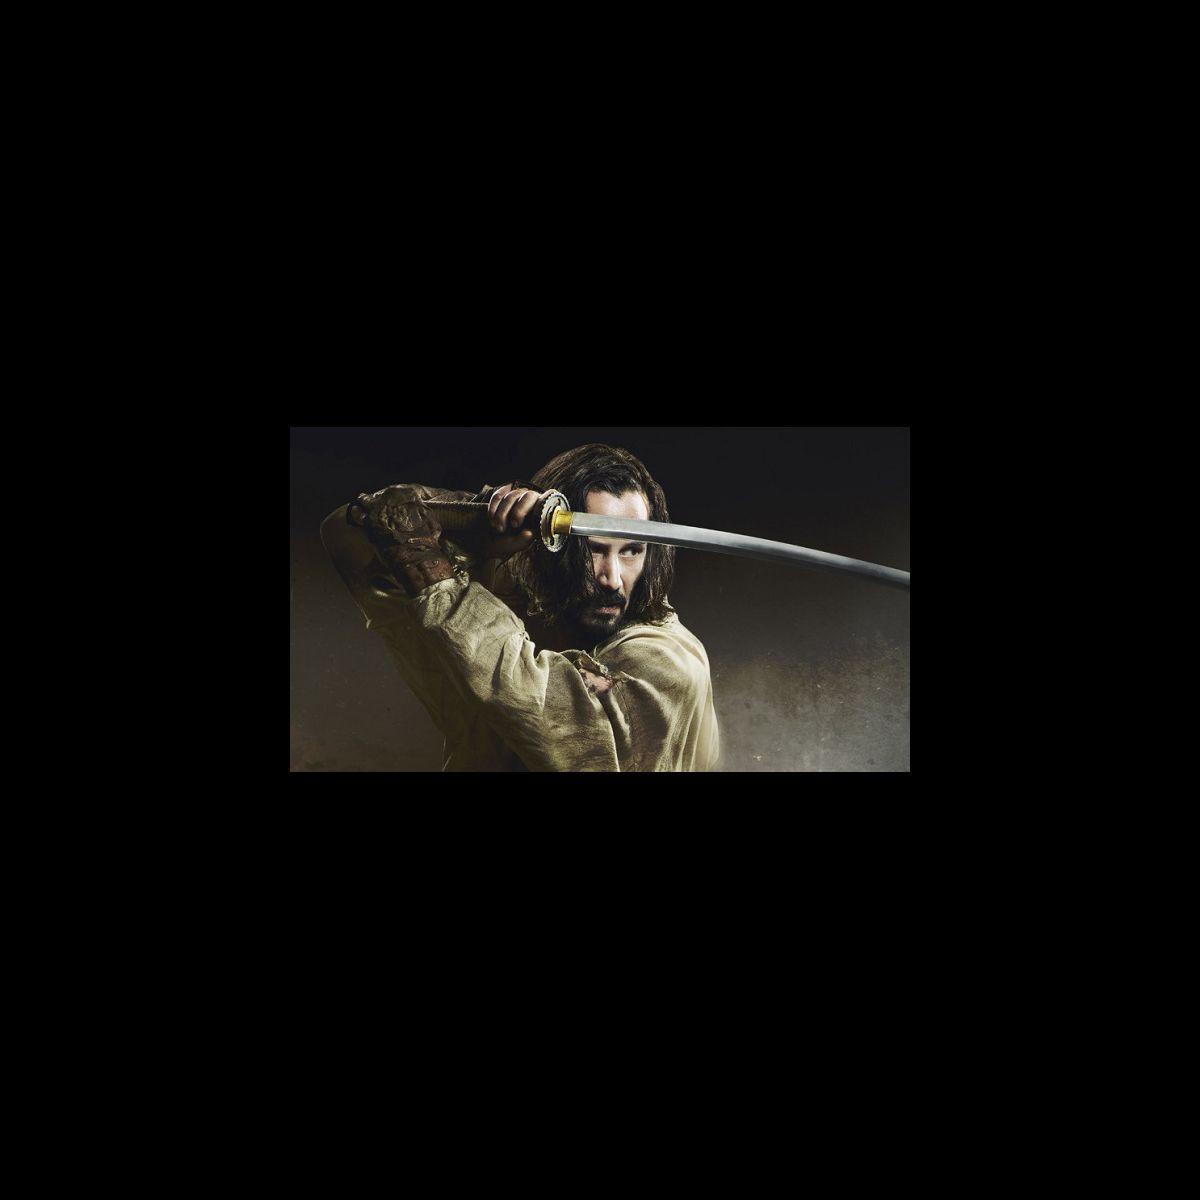 Bande annonce 47 ronin un nouveau film d 39 action avec for Chambre avec vue bande annonce